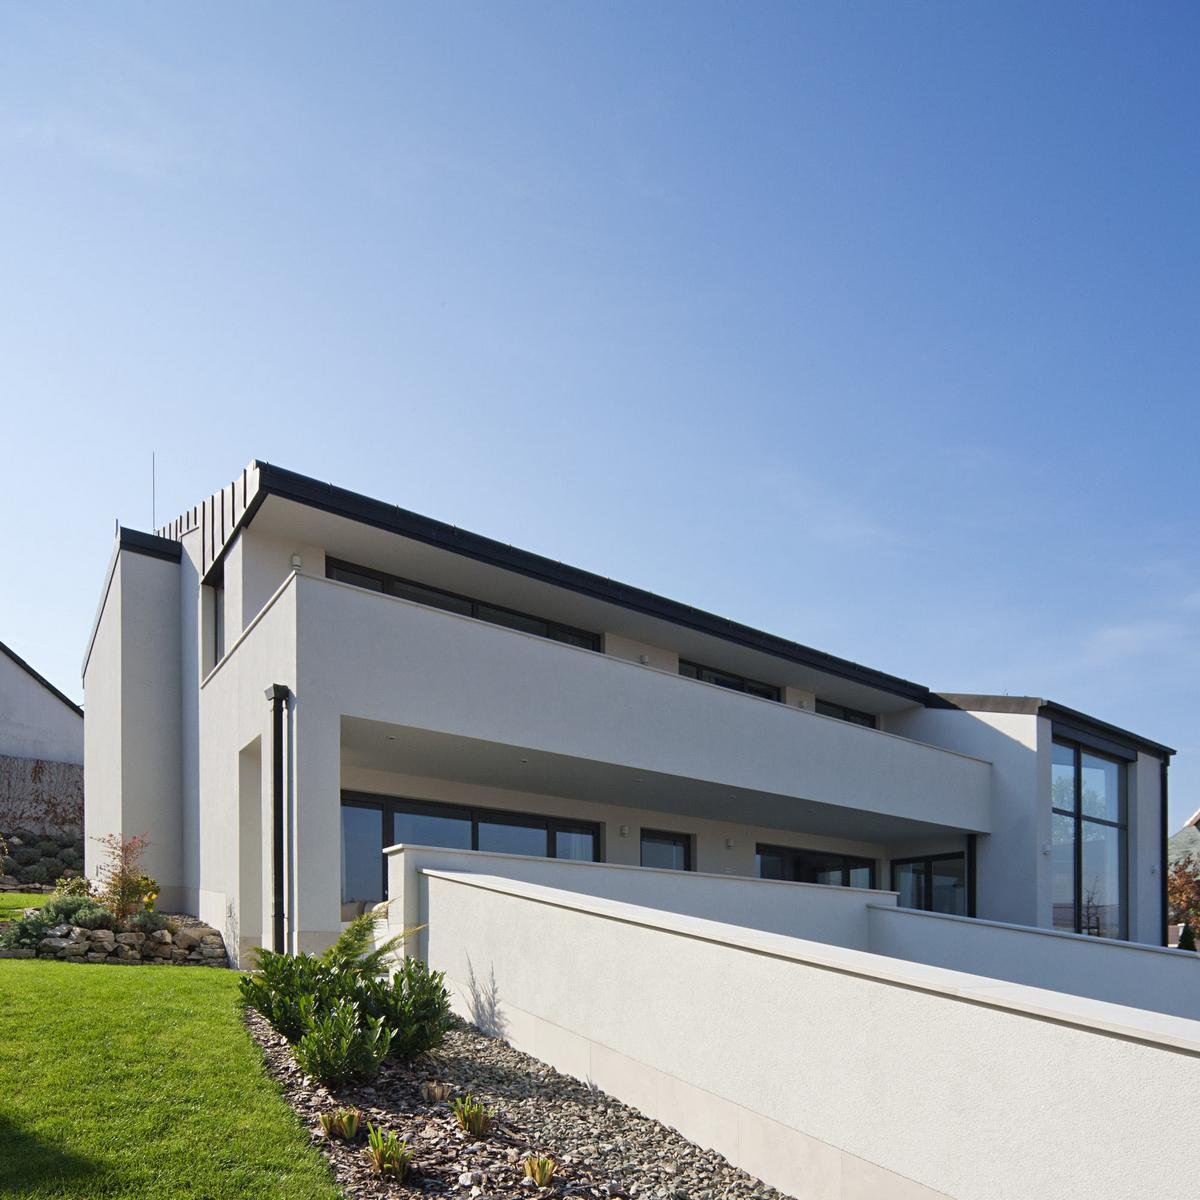 Sommelier's Home, Дом сомелье, частные дома в Будапеште, обзор дома в Венгрии, белый фасад частного дома, двухэтажный дом фото, винная комната в доме